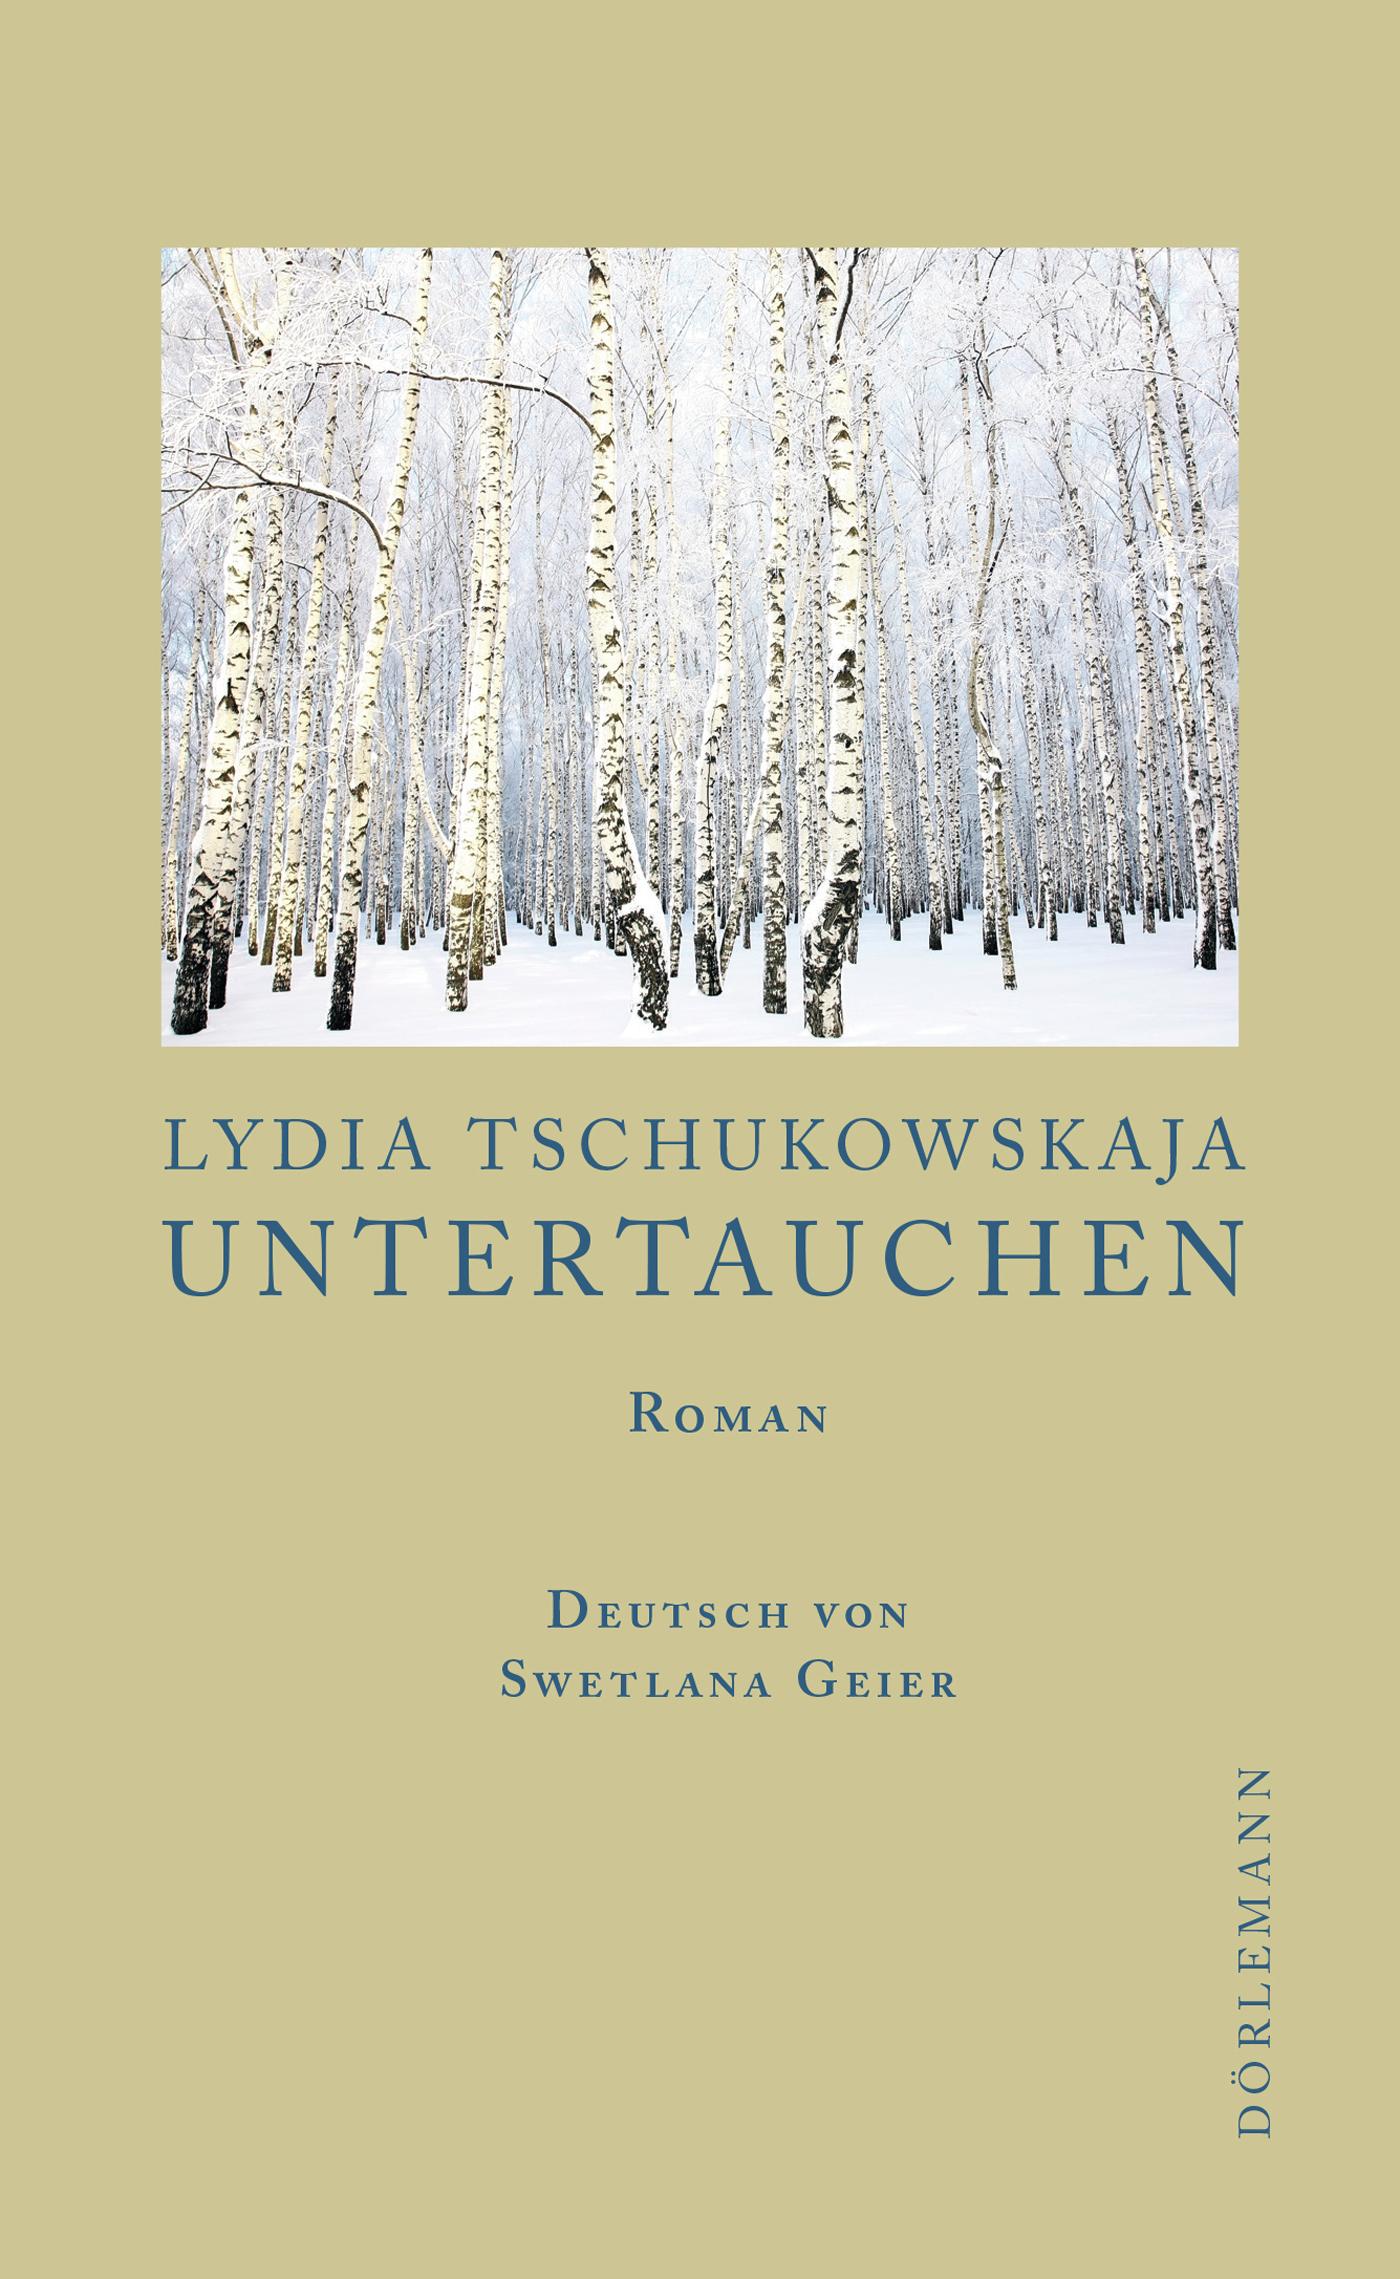 цена на Lydia Tschukowskaja Untertauchen